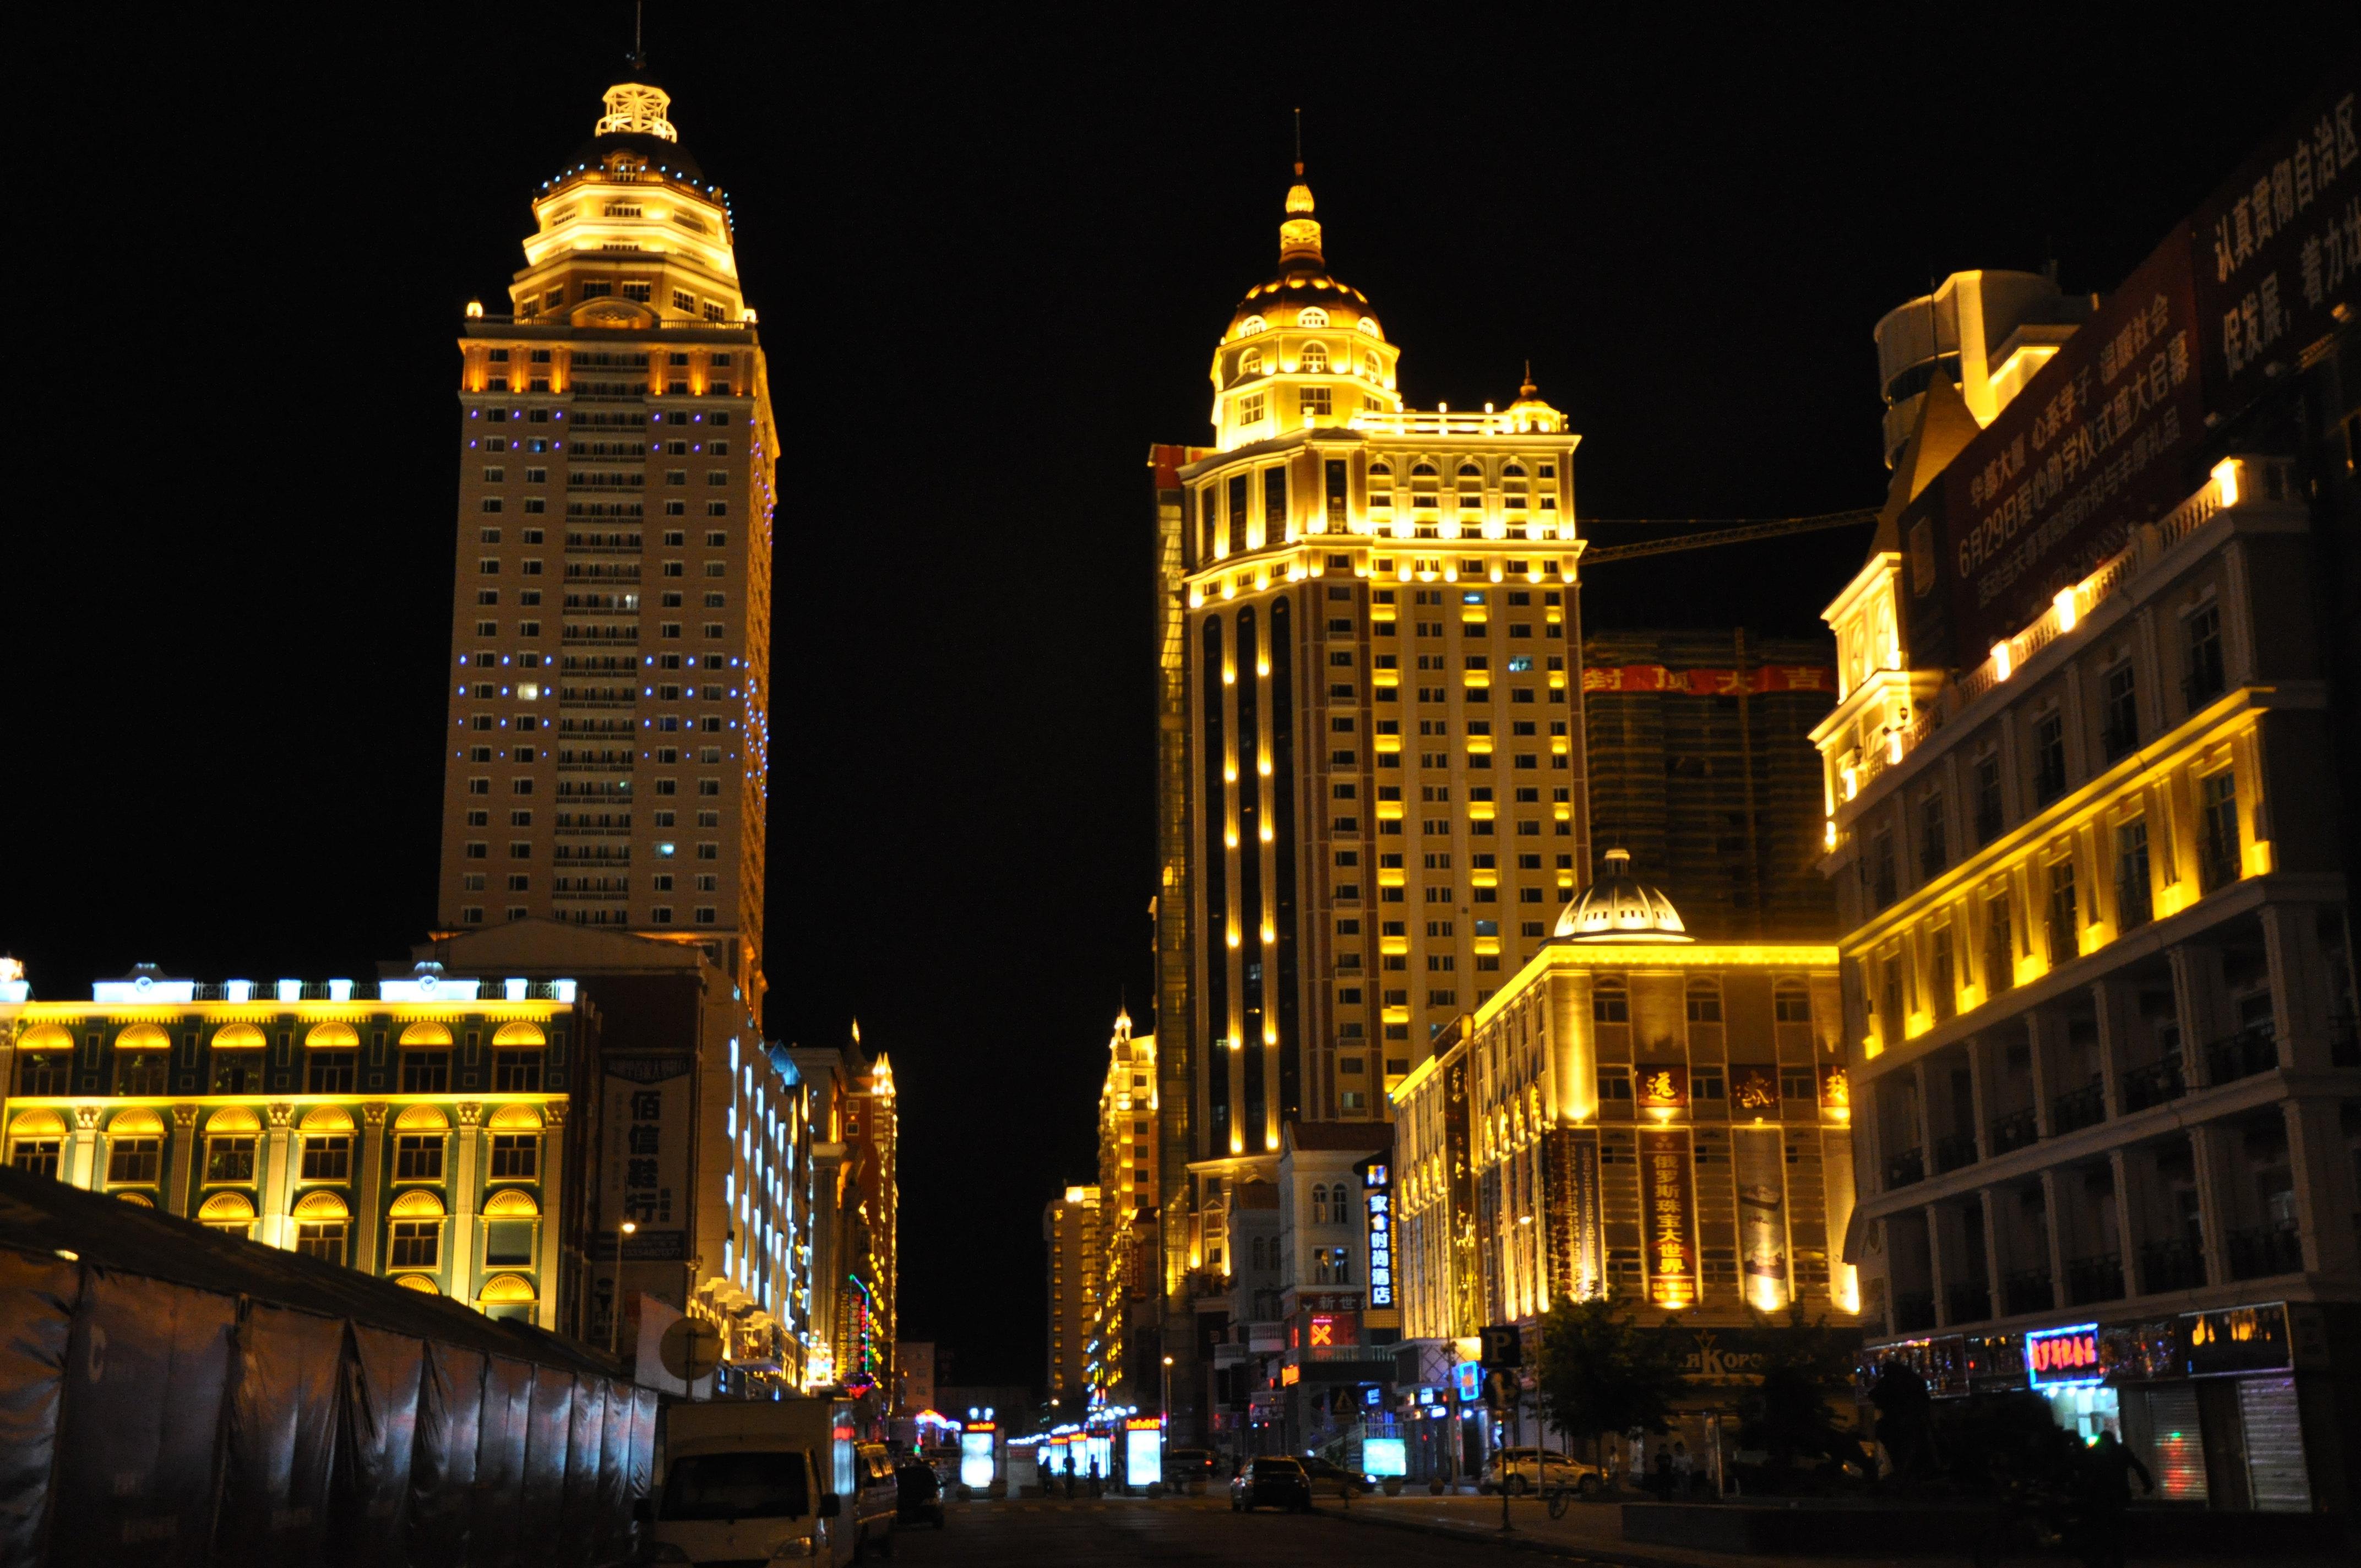 城市建筑以俄罗斯及欧式建筑为主